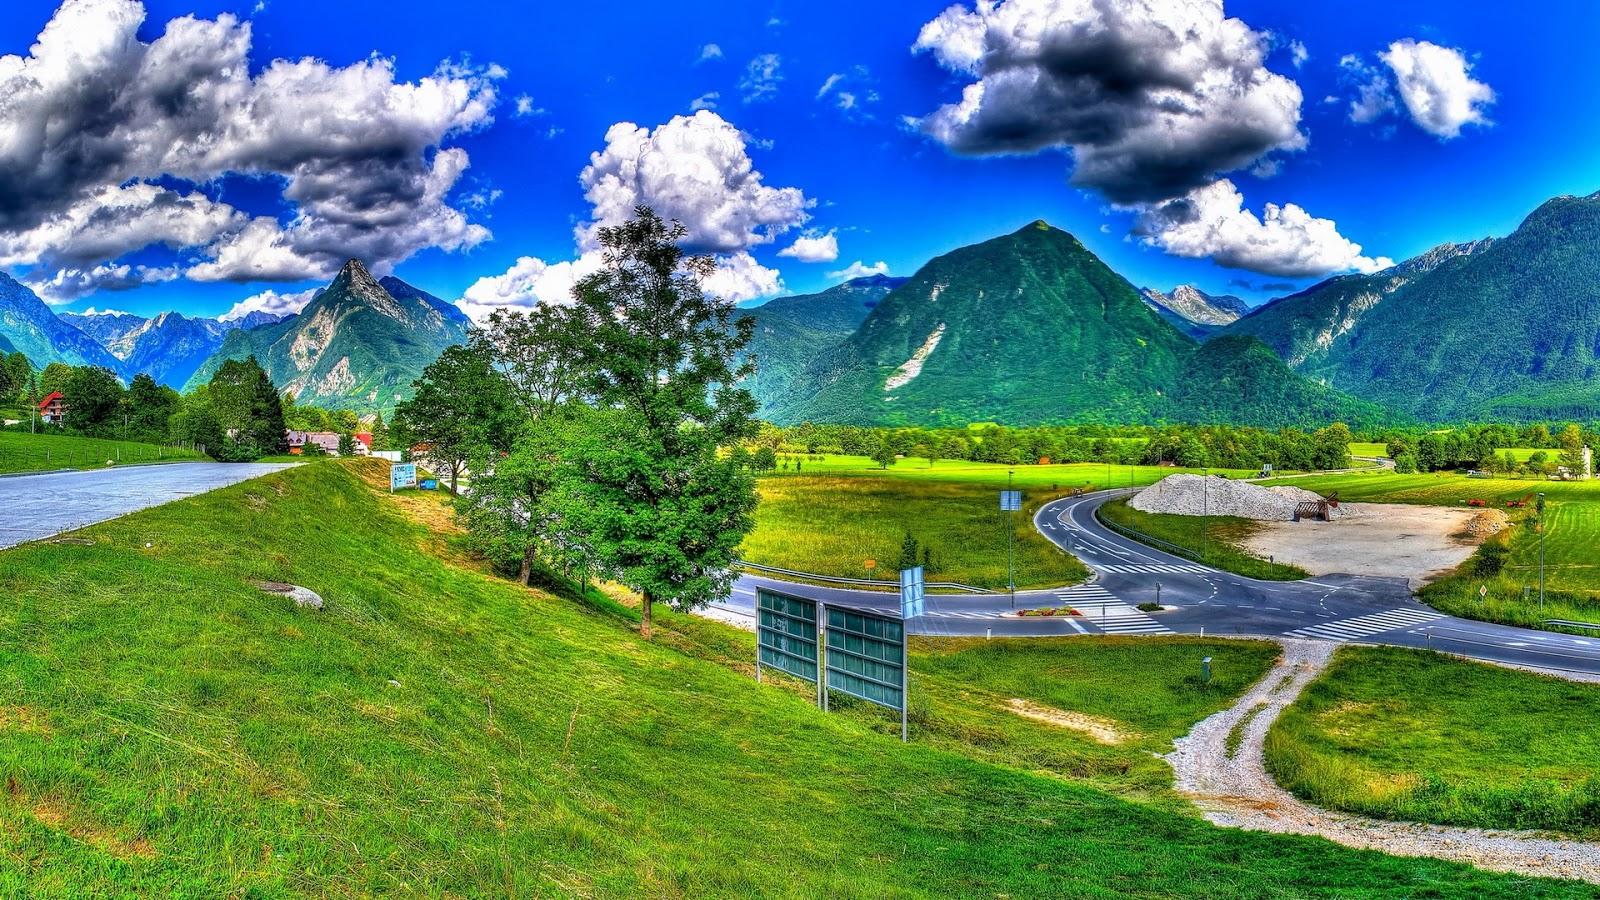 nature backgrounds for desktop - wallpapersafari